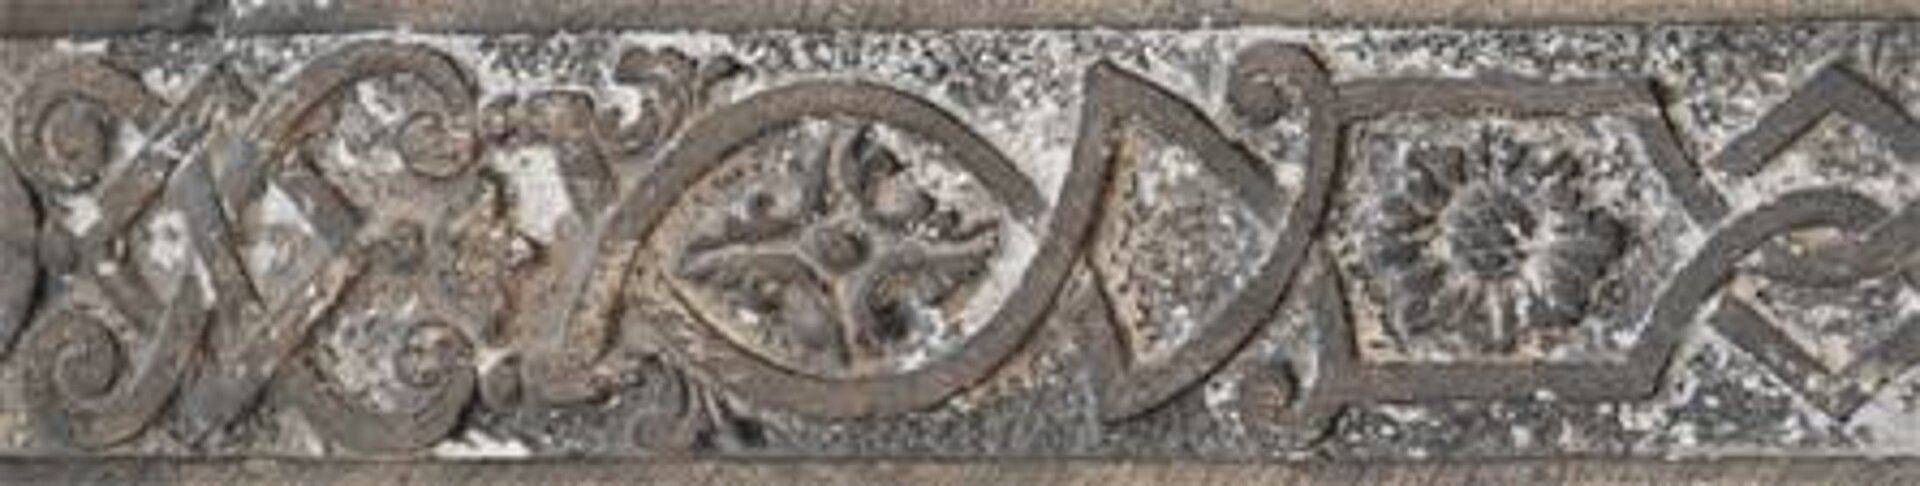 Ilustracja przedstawiająca ornament: wstęgowo-cęgowy. Element dekoracyjny jest wkolorach brązowych.